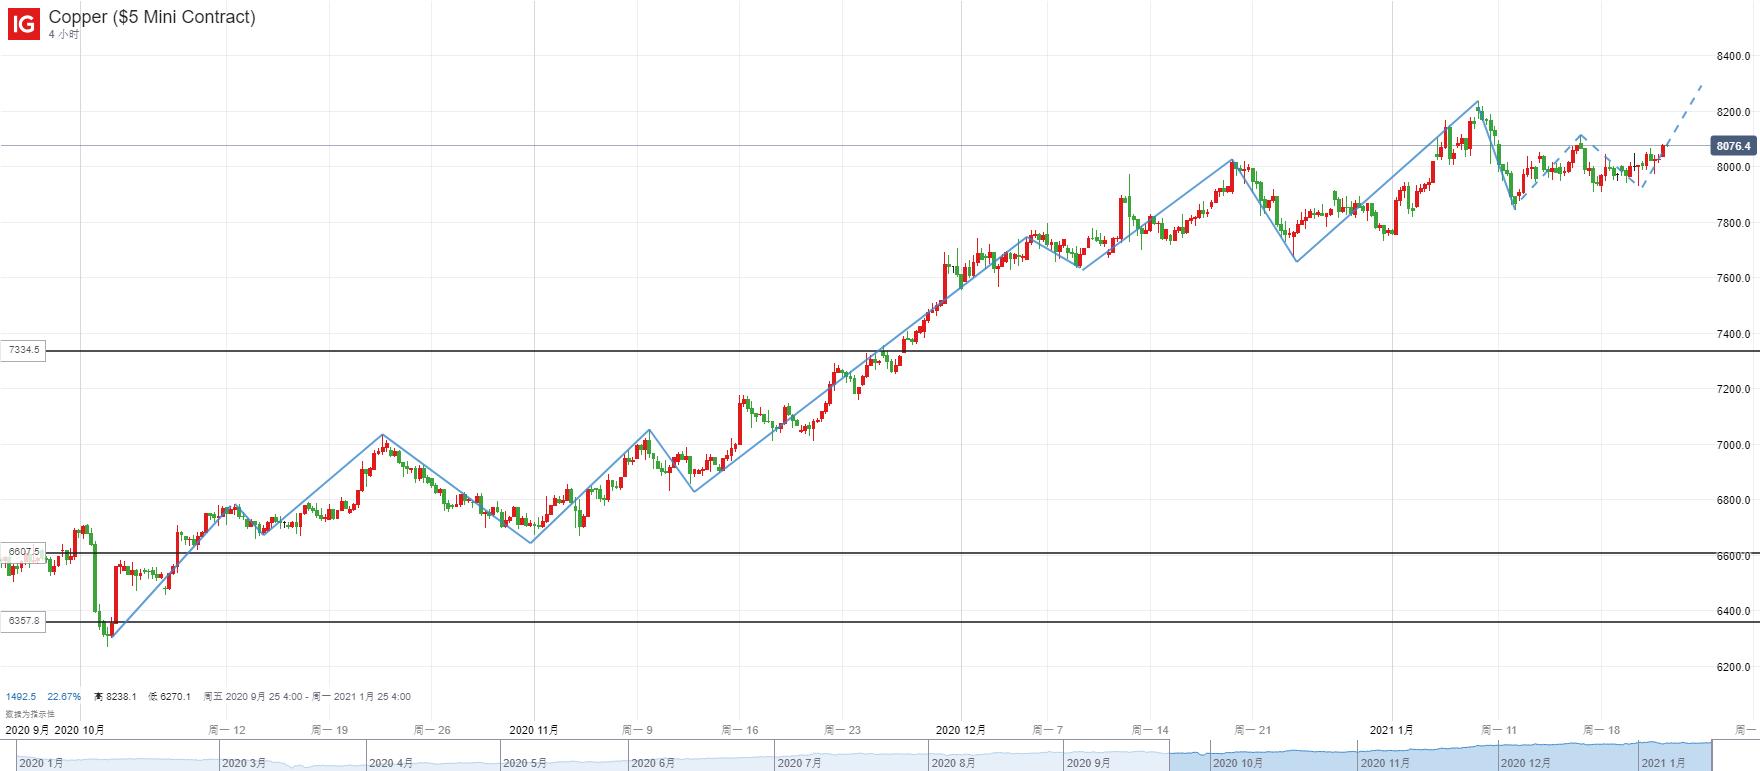 大宗商品走勢分析:國際銅價與黃金齊漲、後市料再度分化,哪個更值得關注?